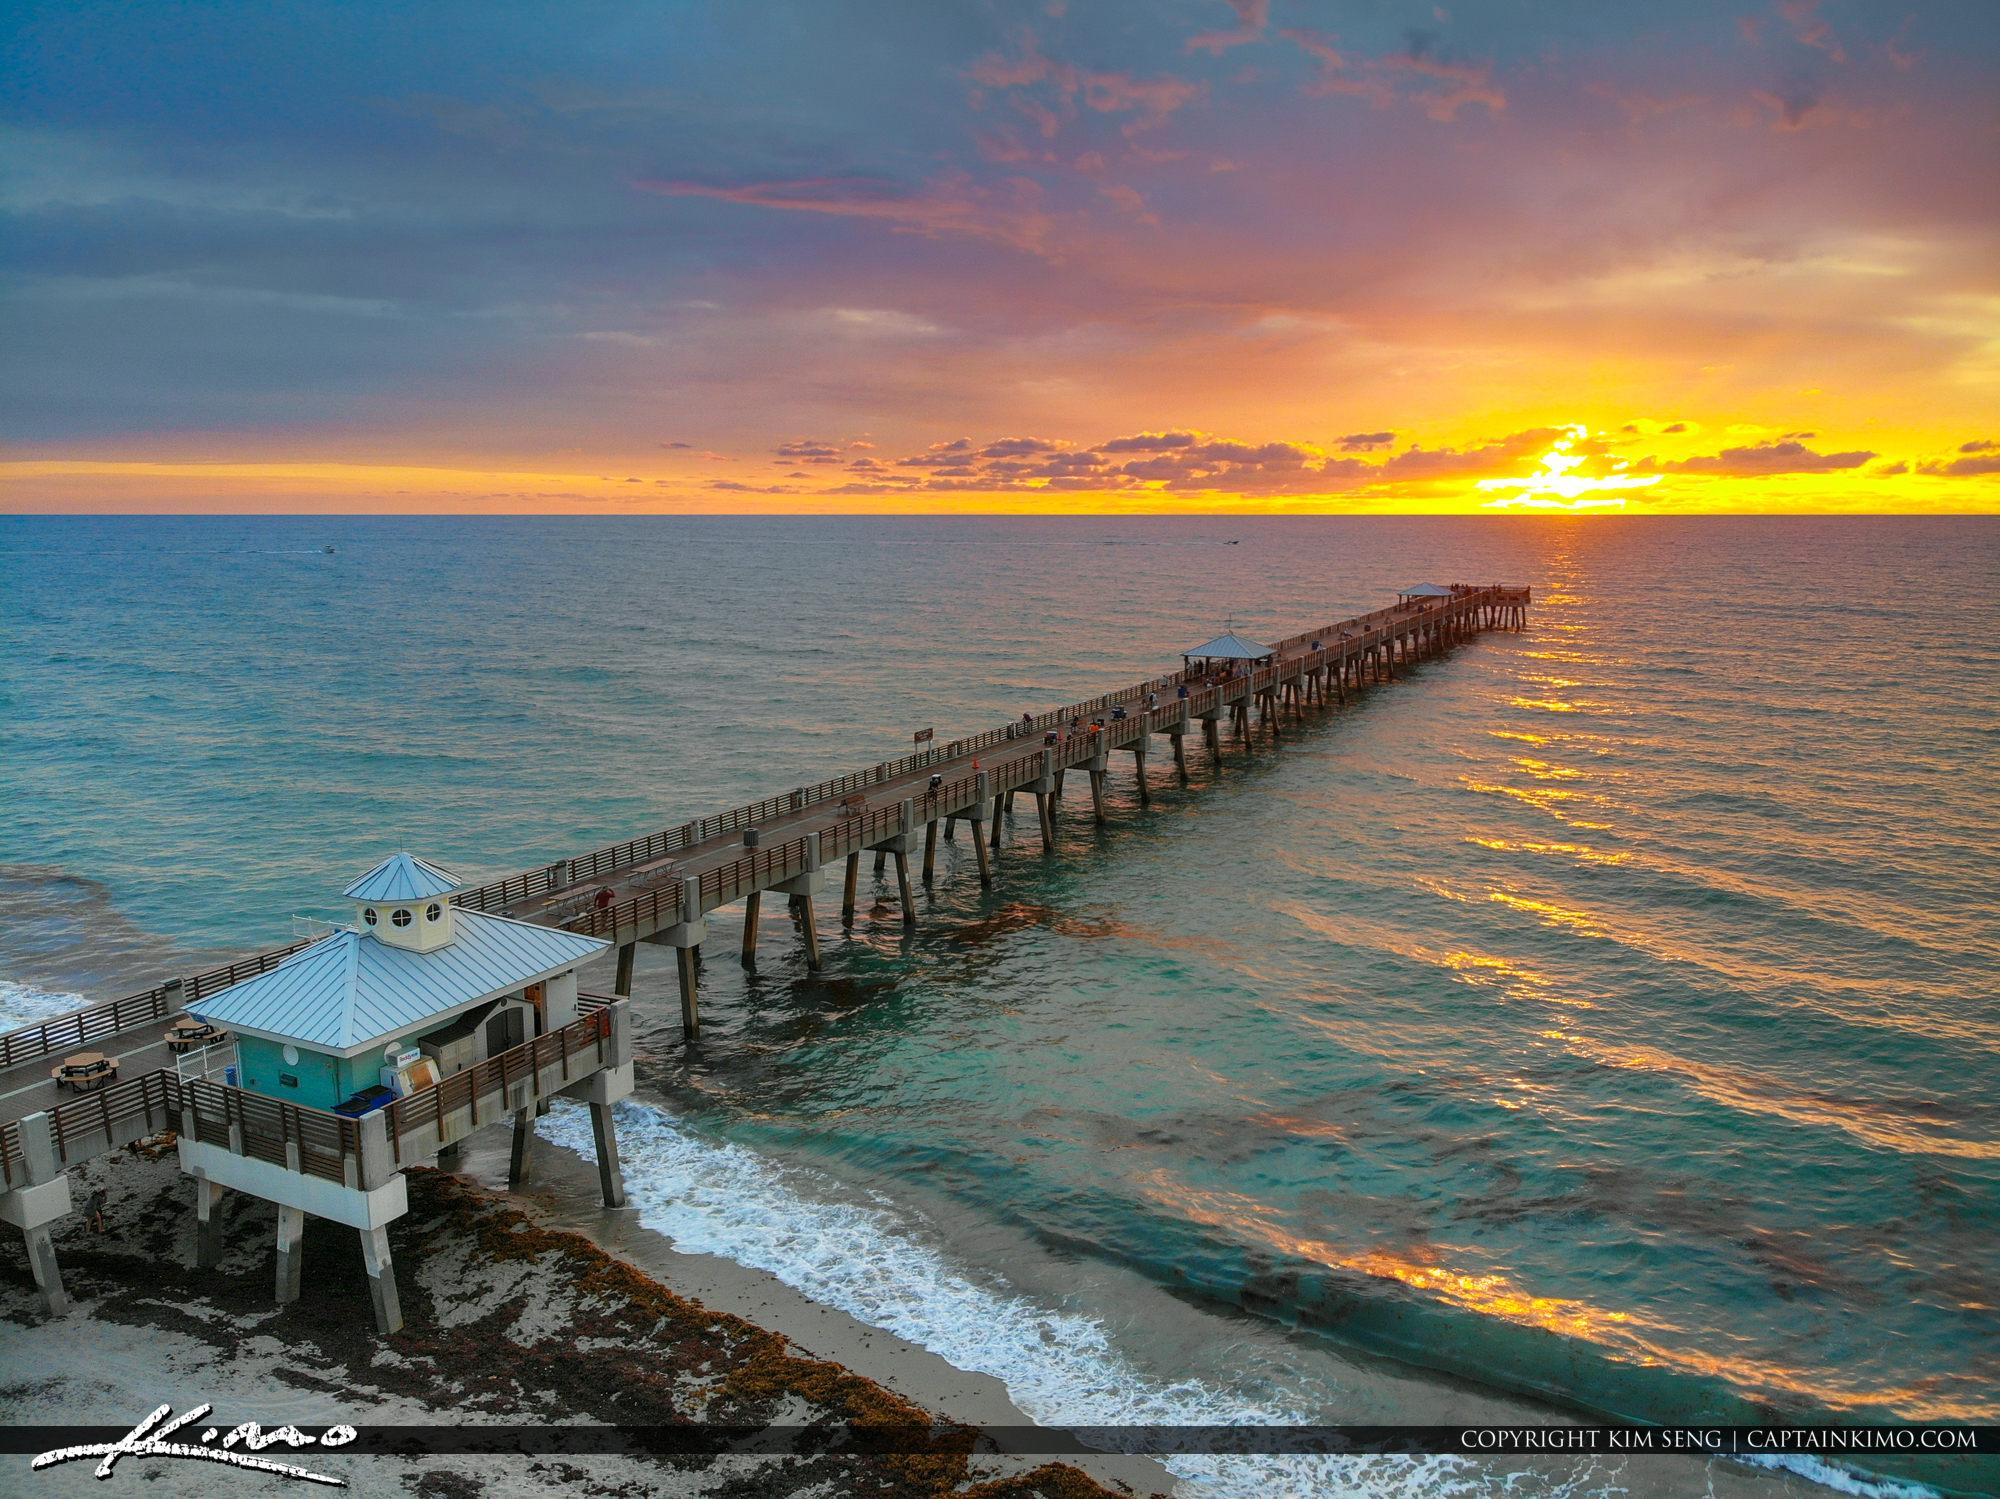 Mavic Air Aerial HDR Photography Juno Beach Pier